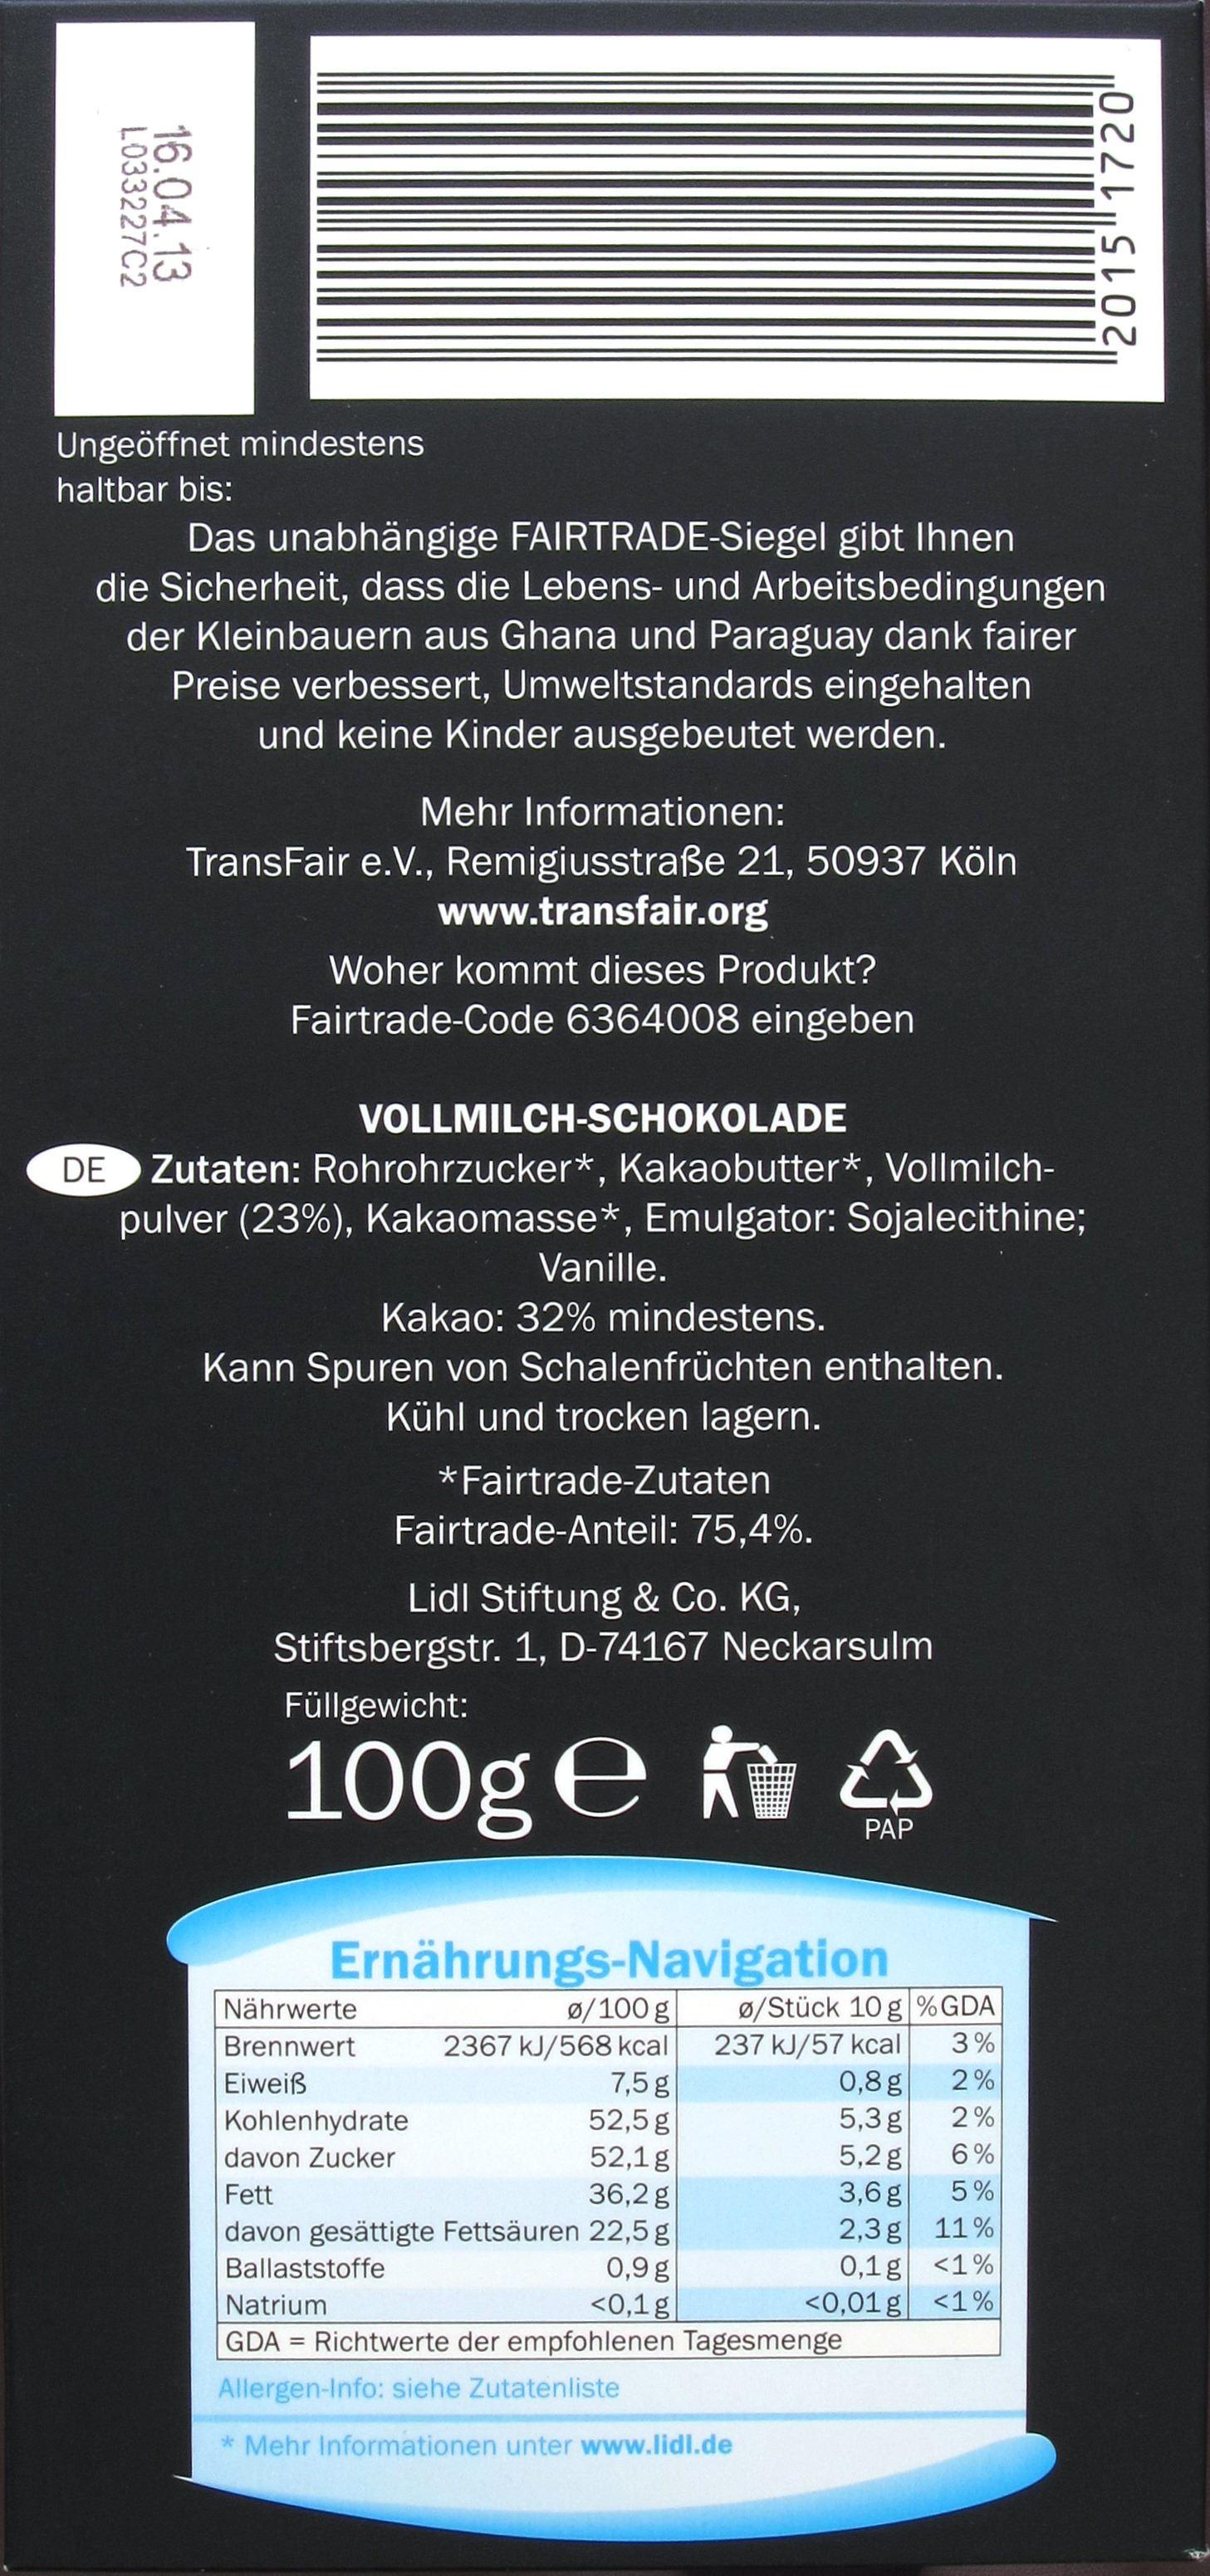 LIDL Fairtrade-Schokolade - Packungsrückseite